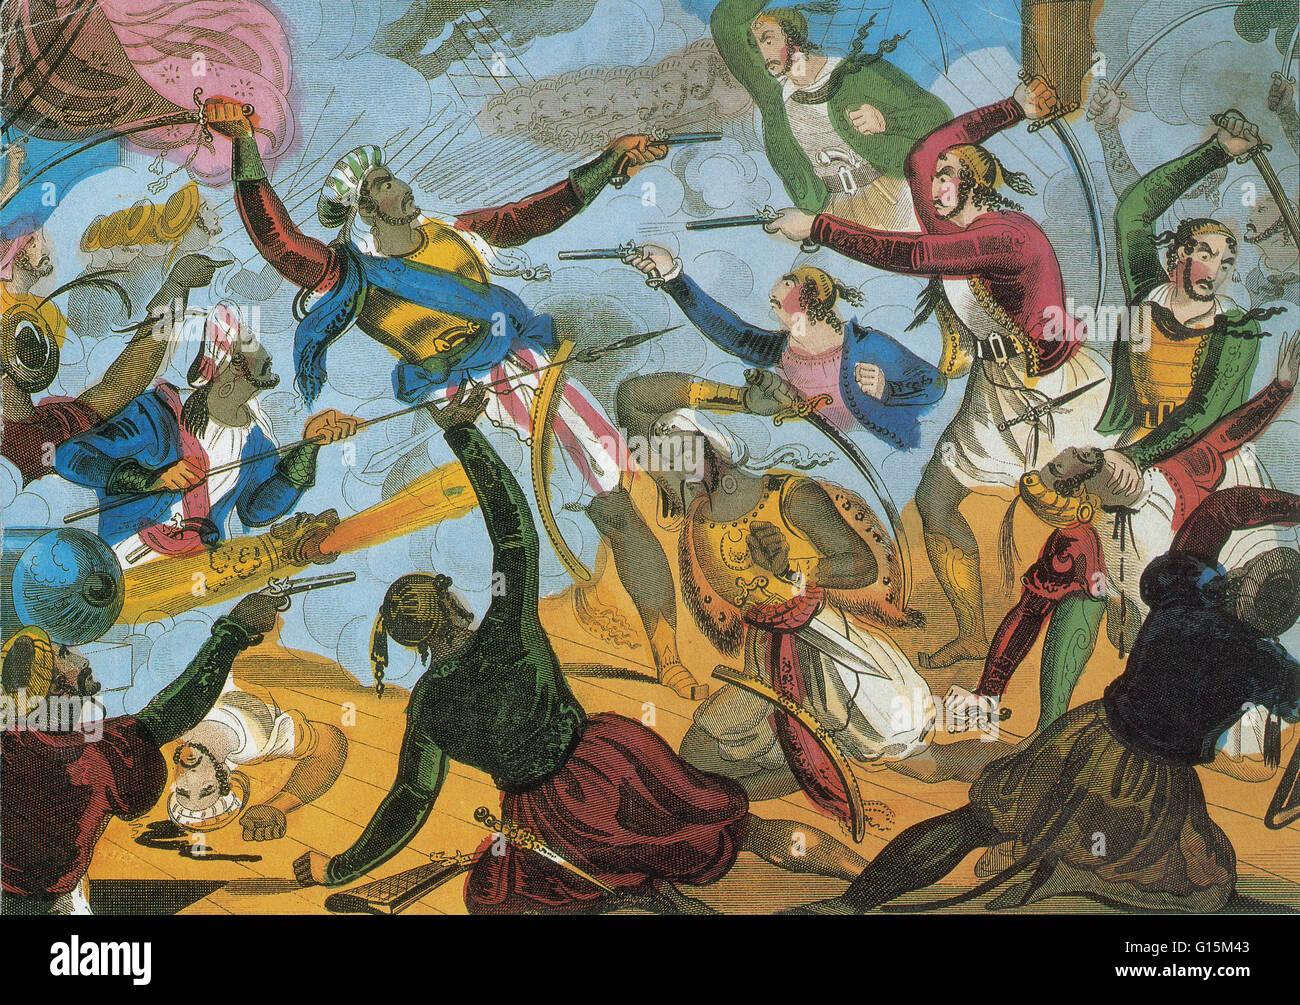 Ottoman corsari attaccando corsari greci. Armi da fuoco e le spade sguainate, greca e pirati turchi battaglia a Immagini Stock